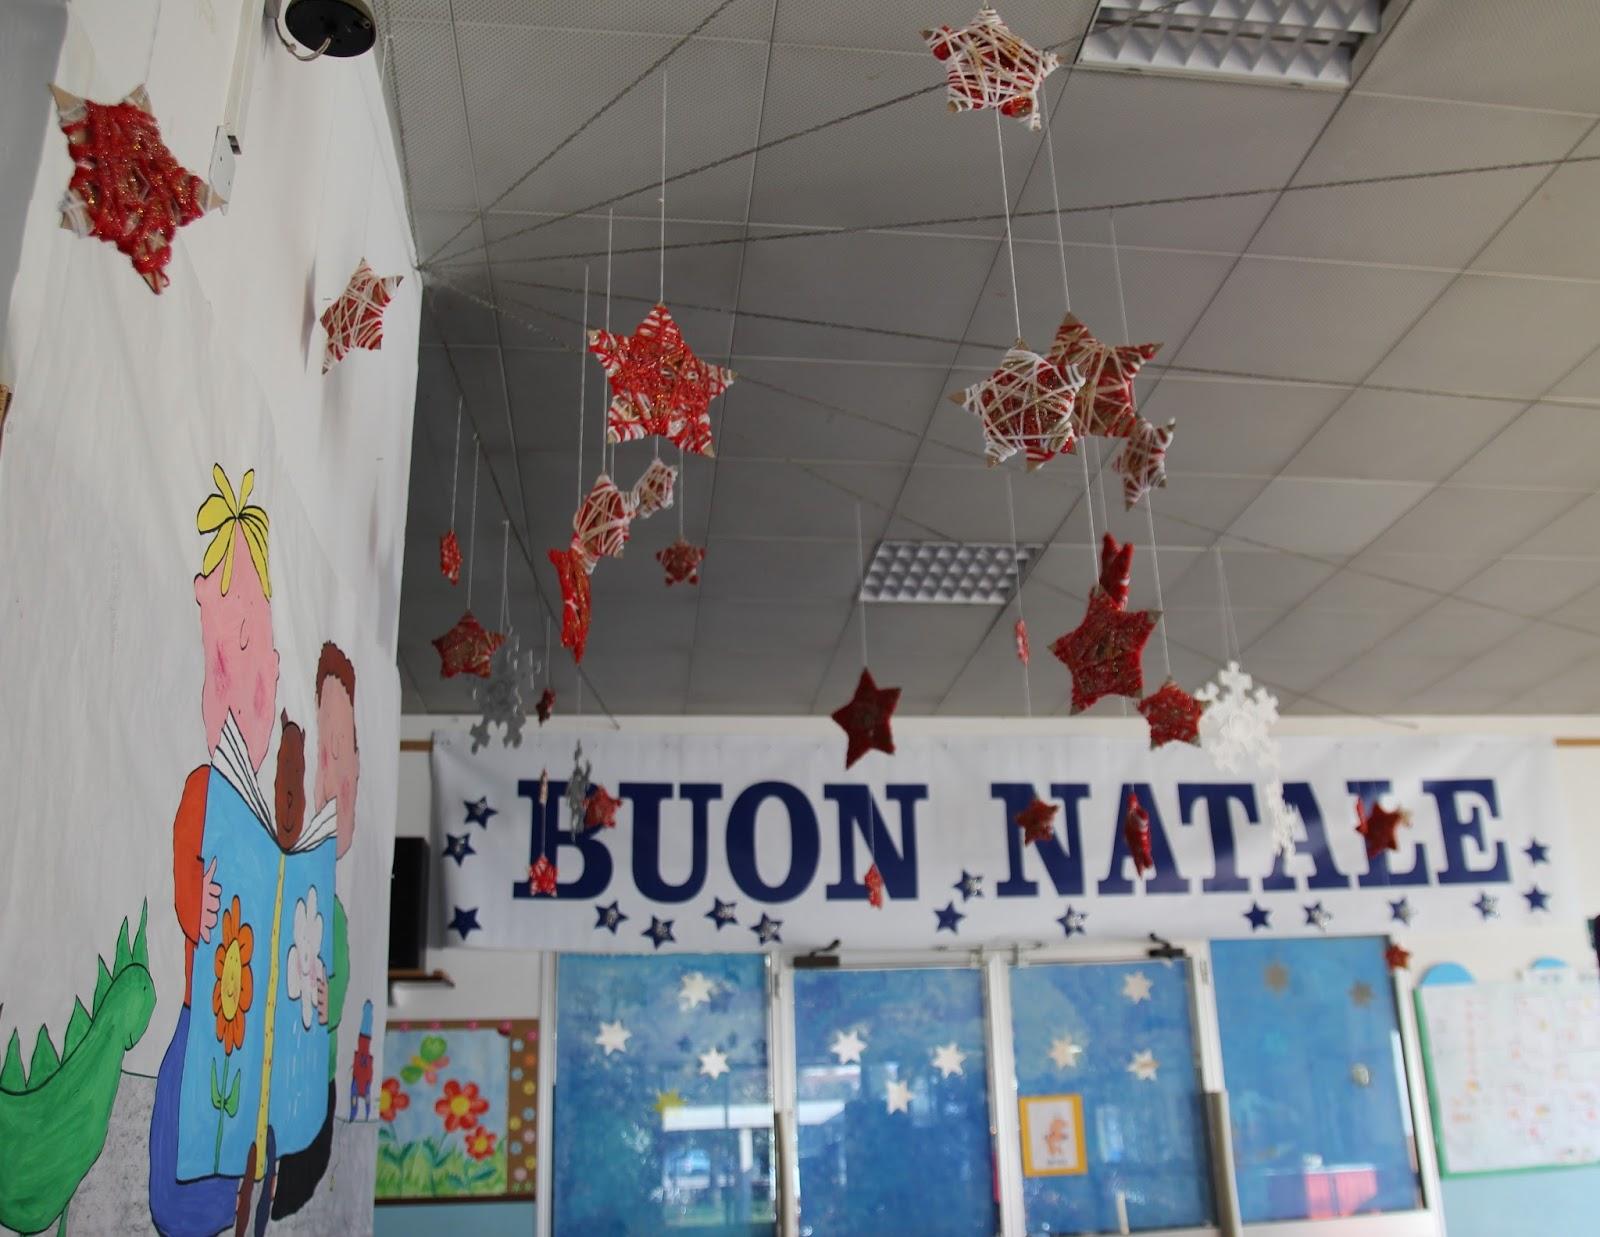 Addobbi natalizi per il salone scuola dell 39 infanzia for Addobbi finestre natale scuola infanzia